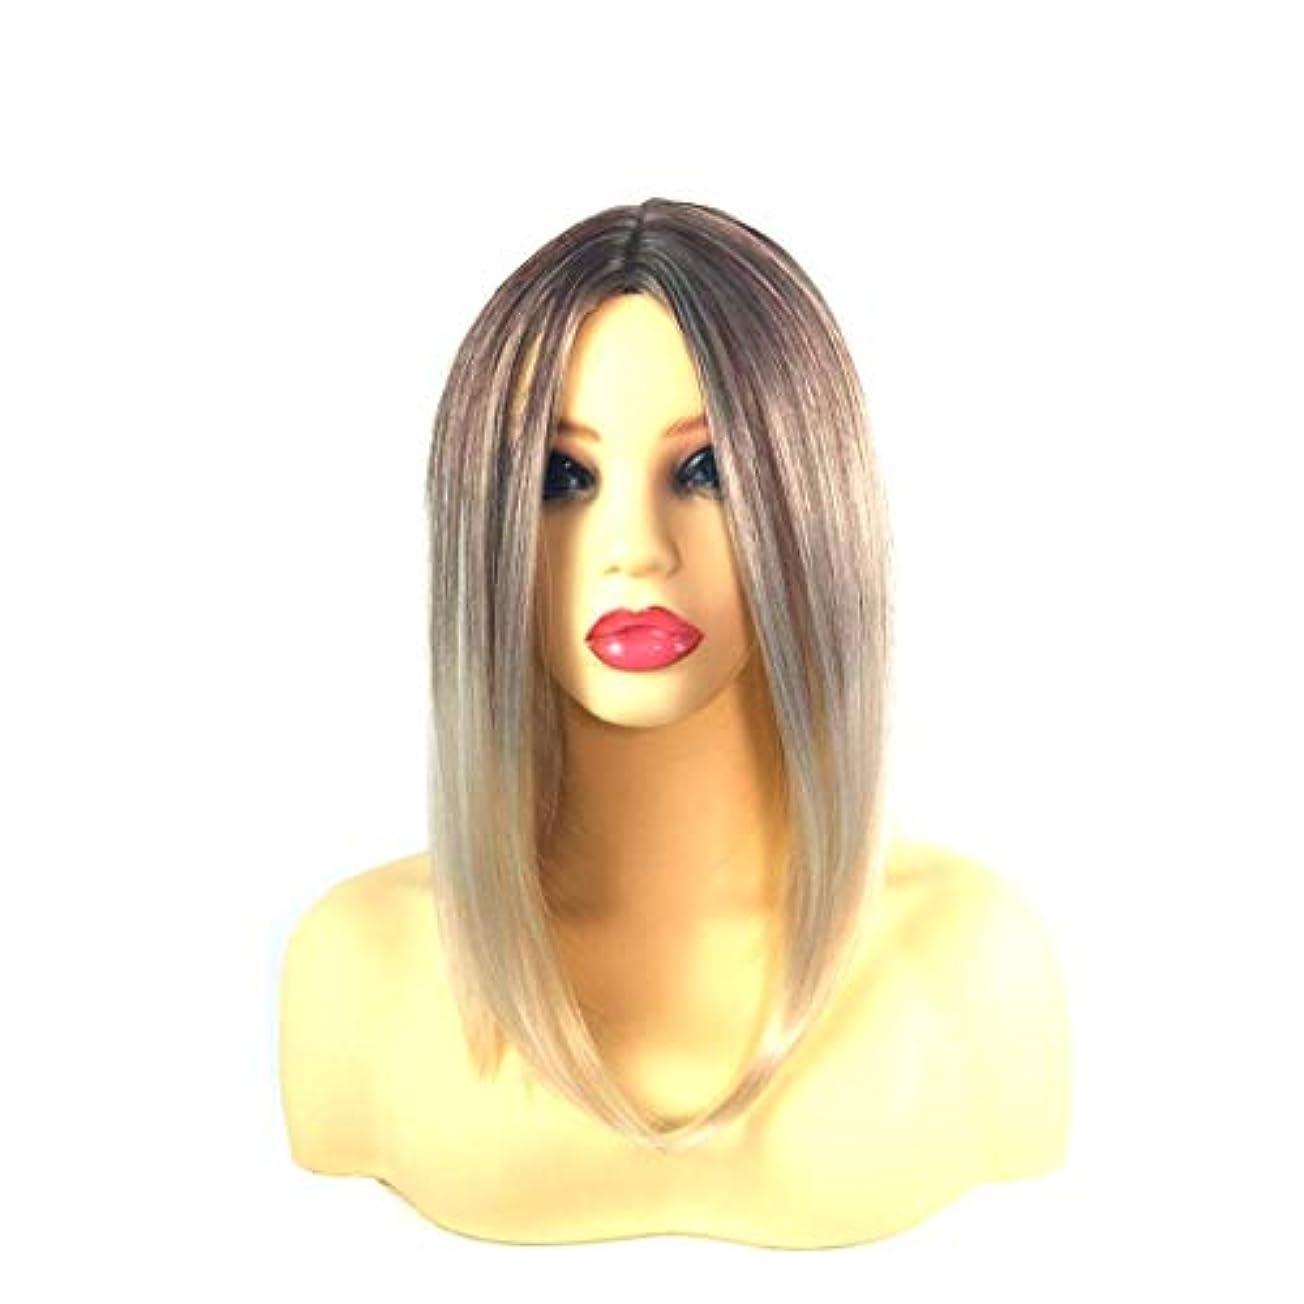 ドラゴンとげ革新Summerys 女性のための前髪の短いストレートの髪の黒のグラデーションライスホワイトウィッグヘッドバンド